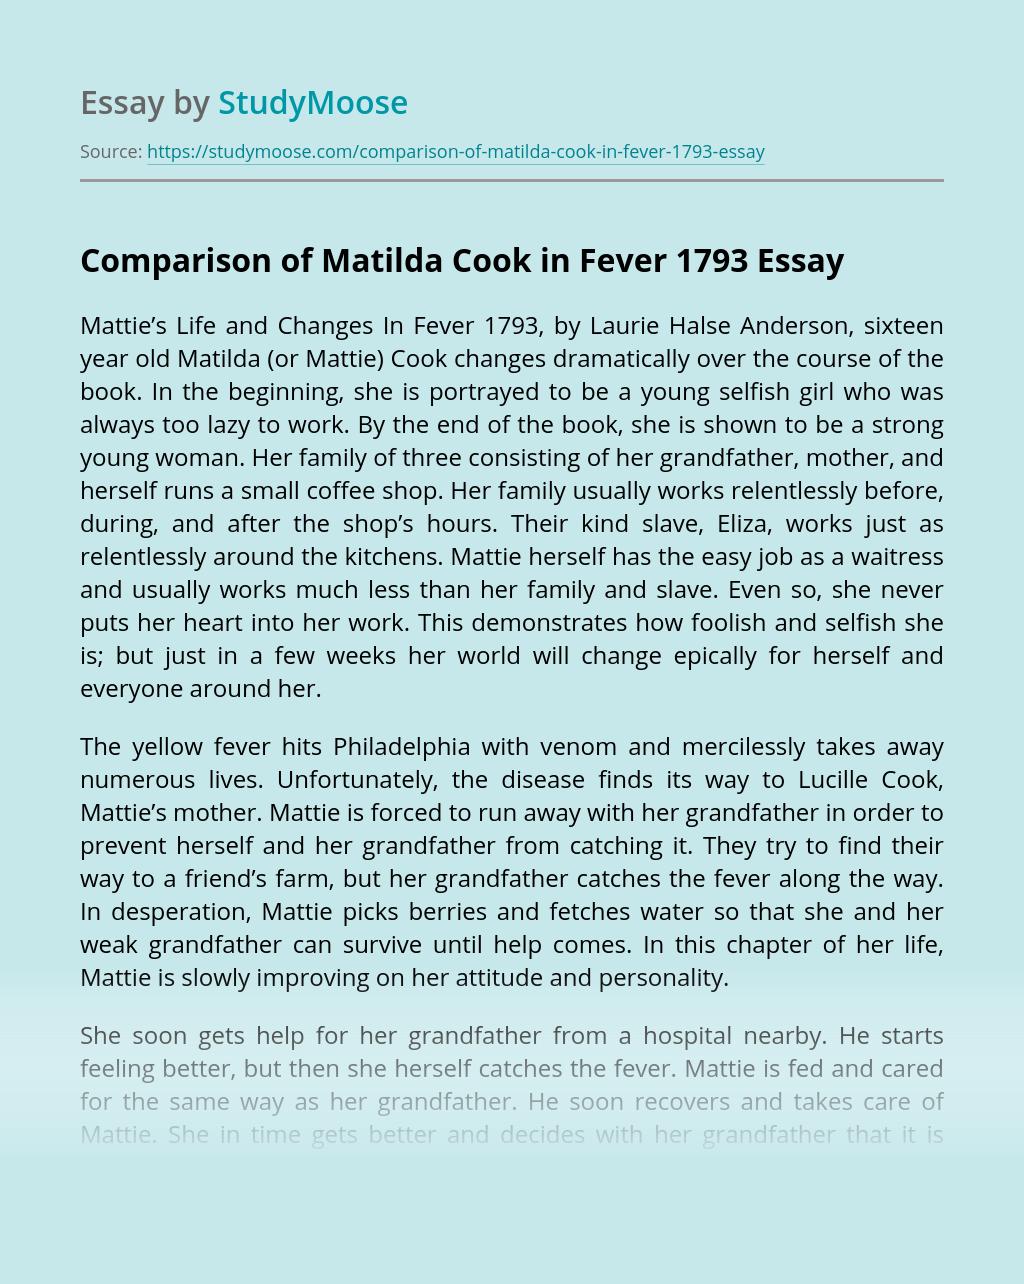 Comparison of Matilda Cook in Fever 1793